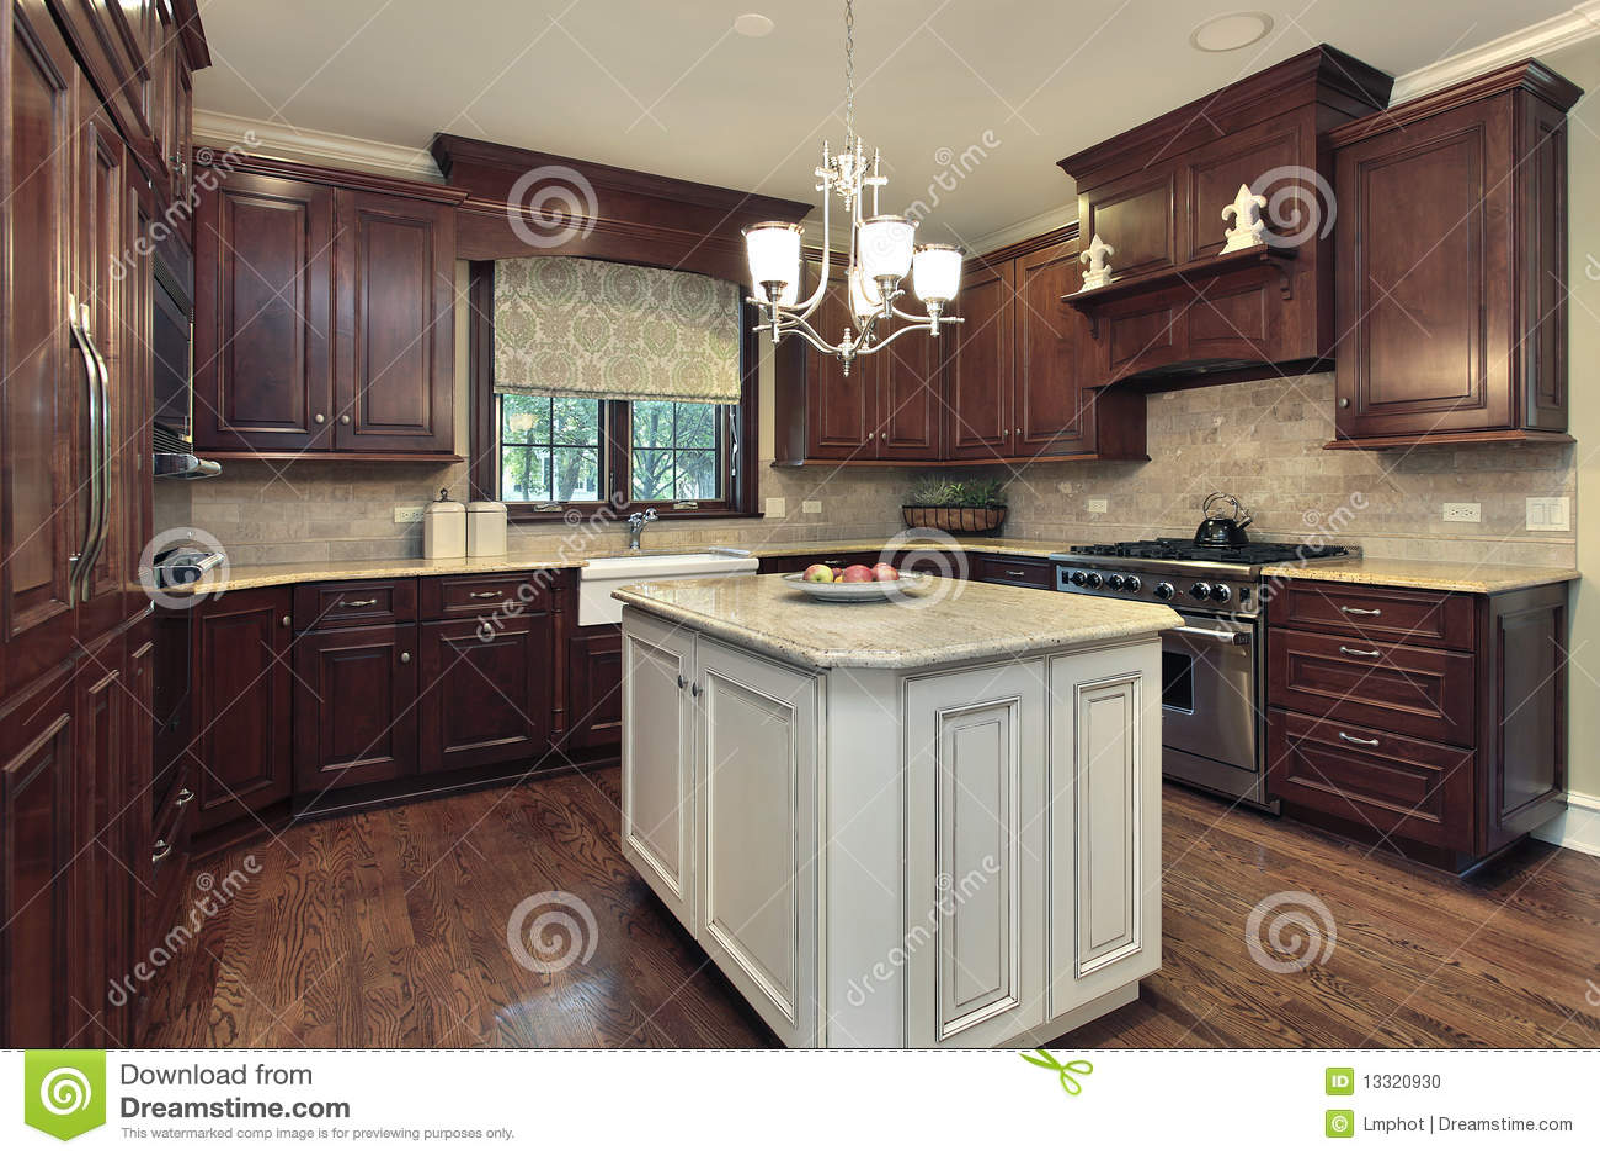 Cocina Con Granito : Cocina con blanco y la isla del granito foto de archivo